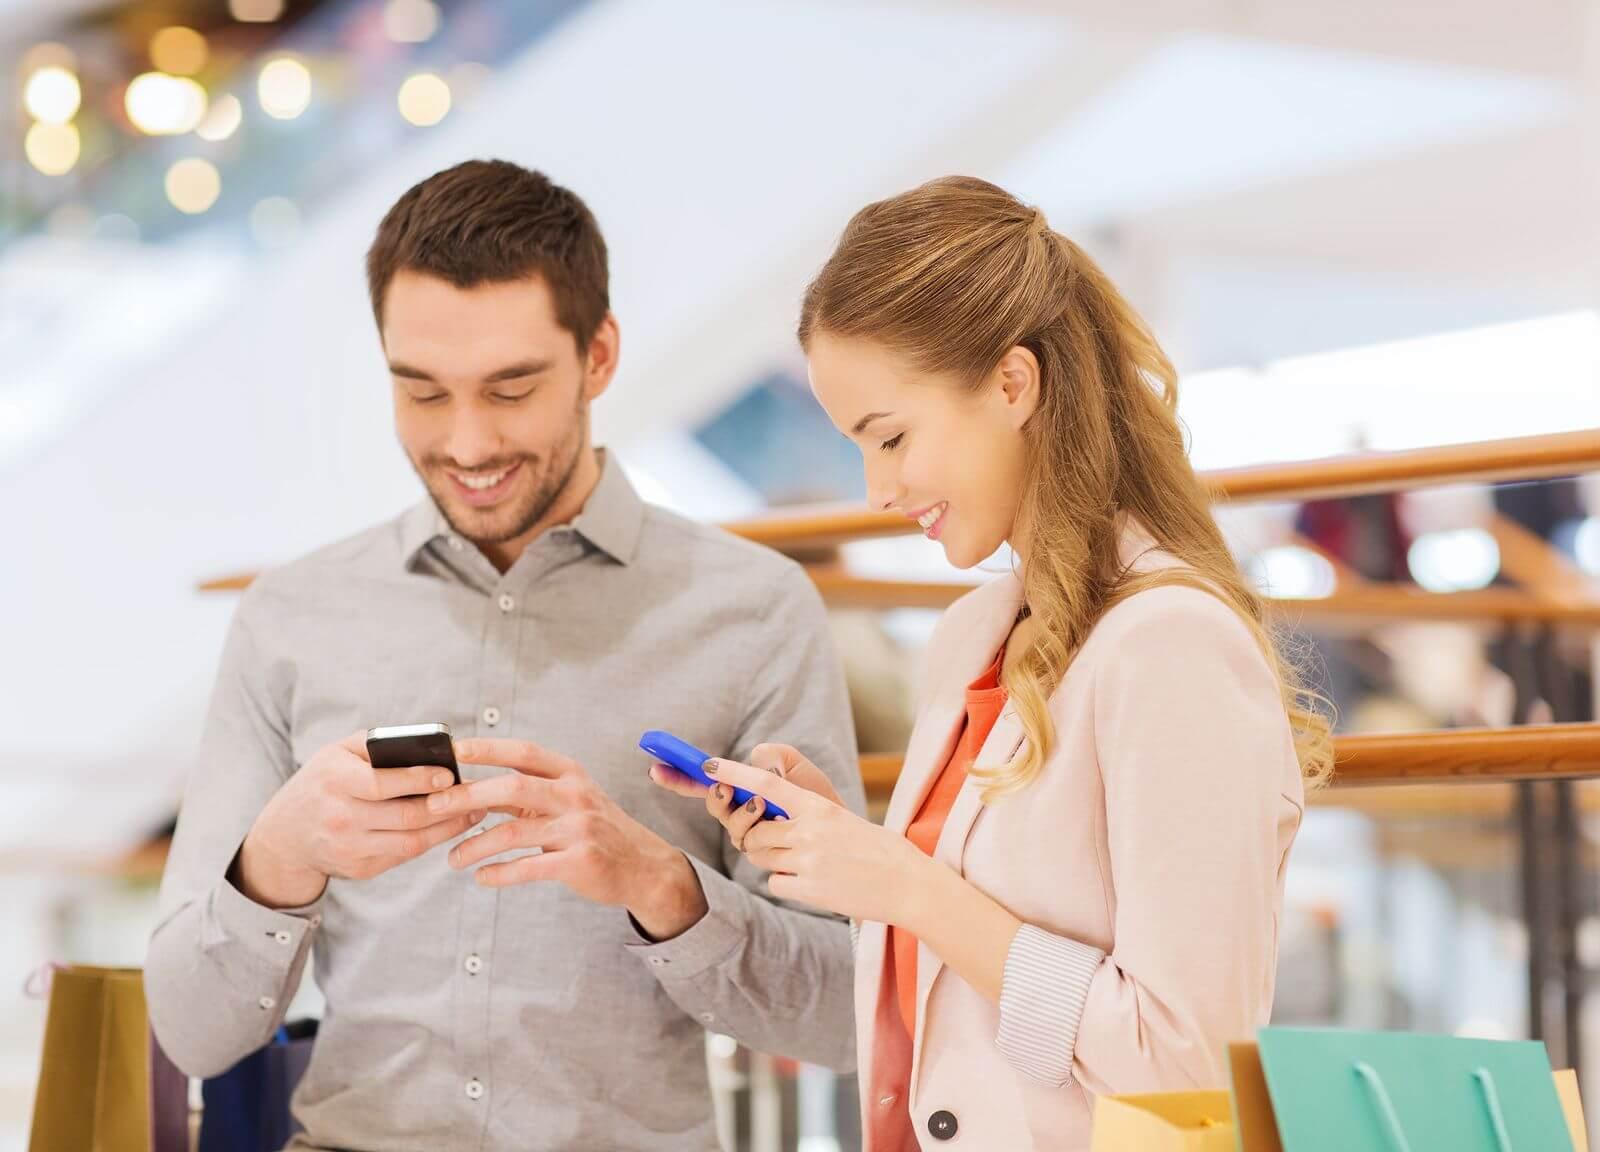 با این 7 راهکار موفق ، فروشگاه اینترنتی خود را توسعه دهید